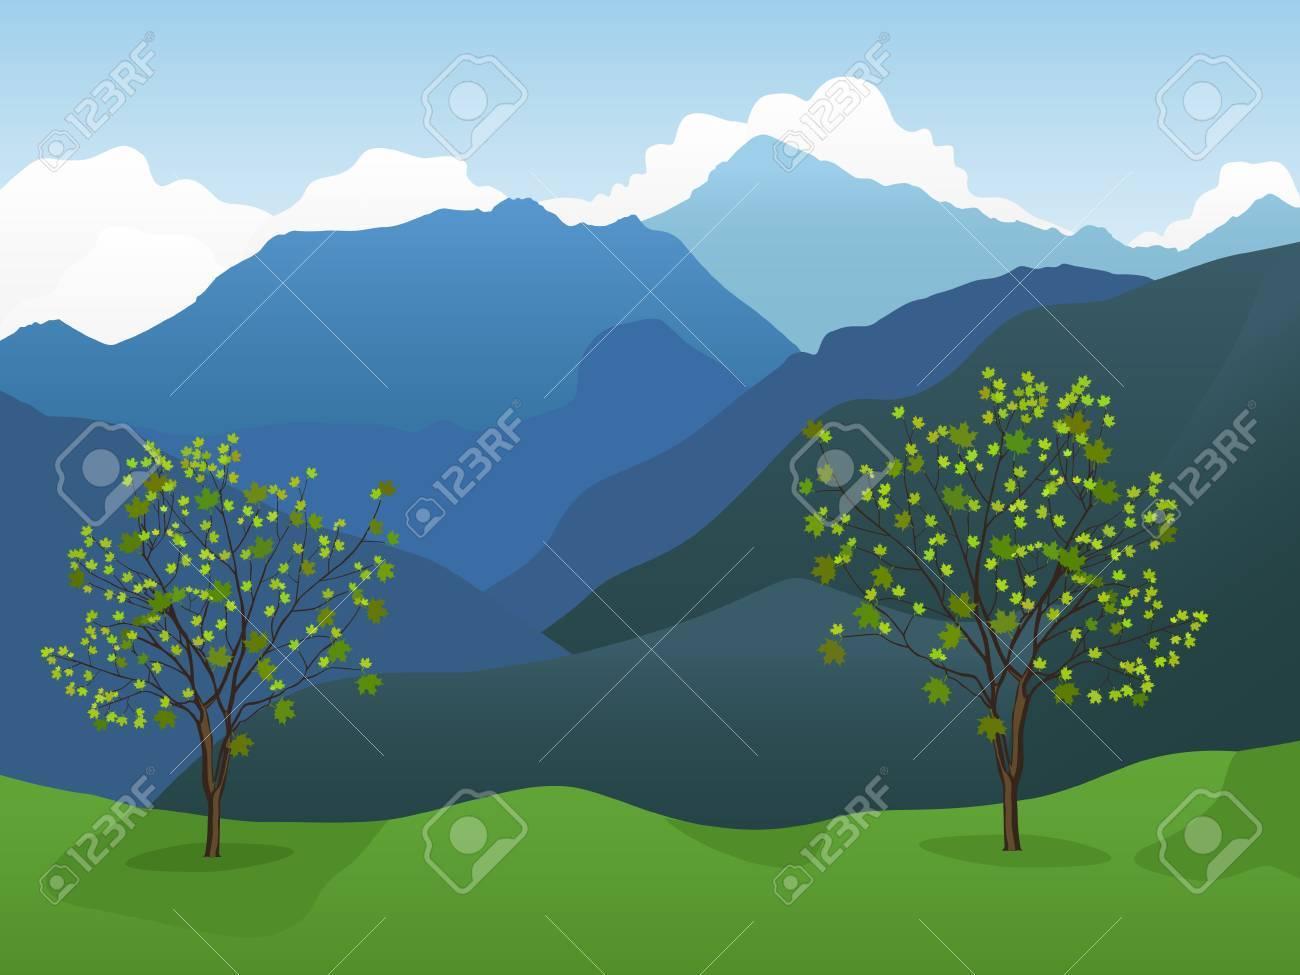 Mountain background - 9057470